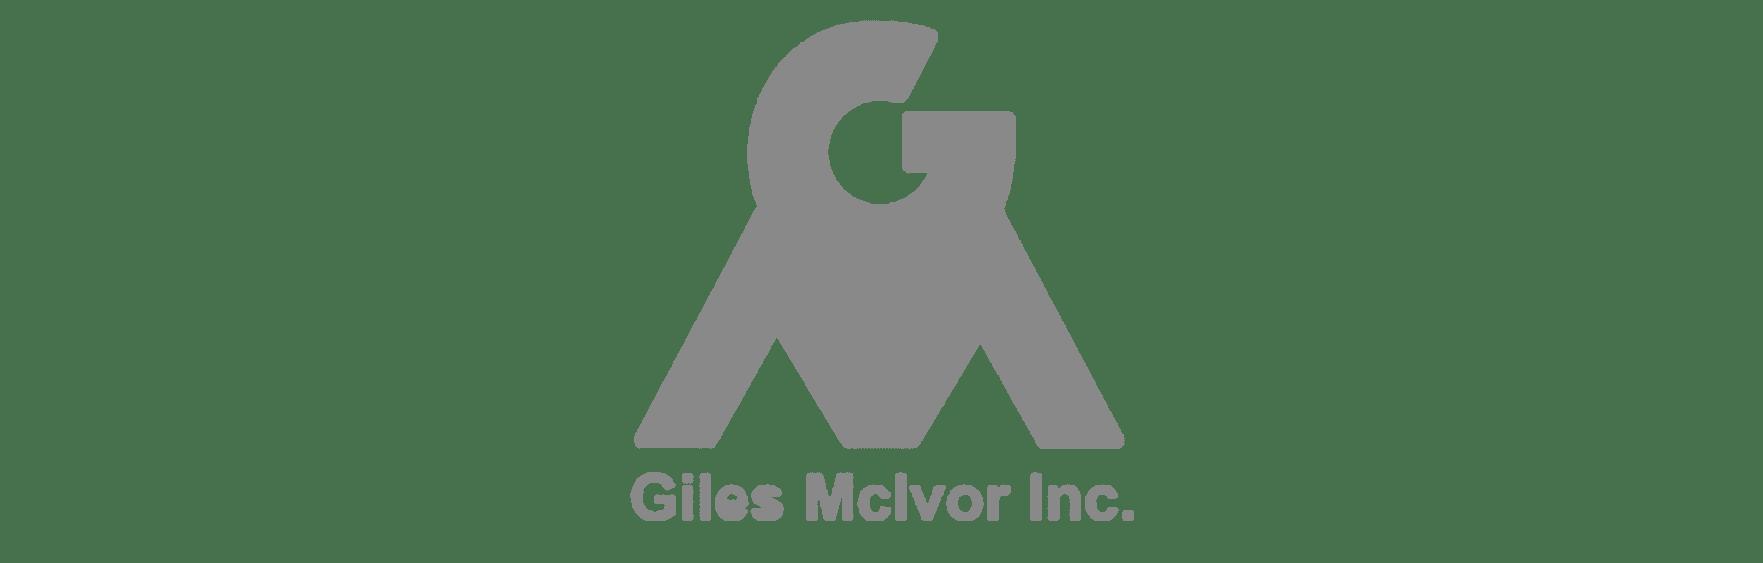 Giles Mclvor Logo